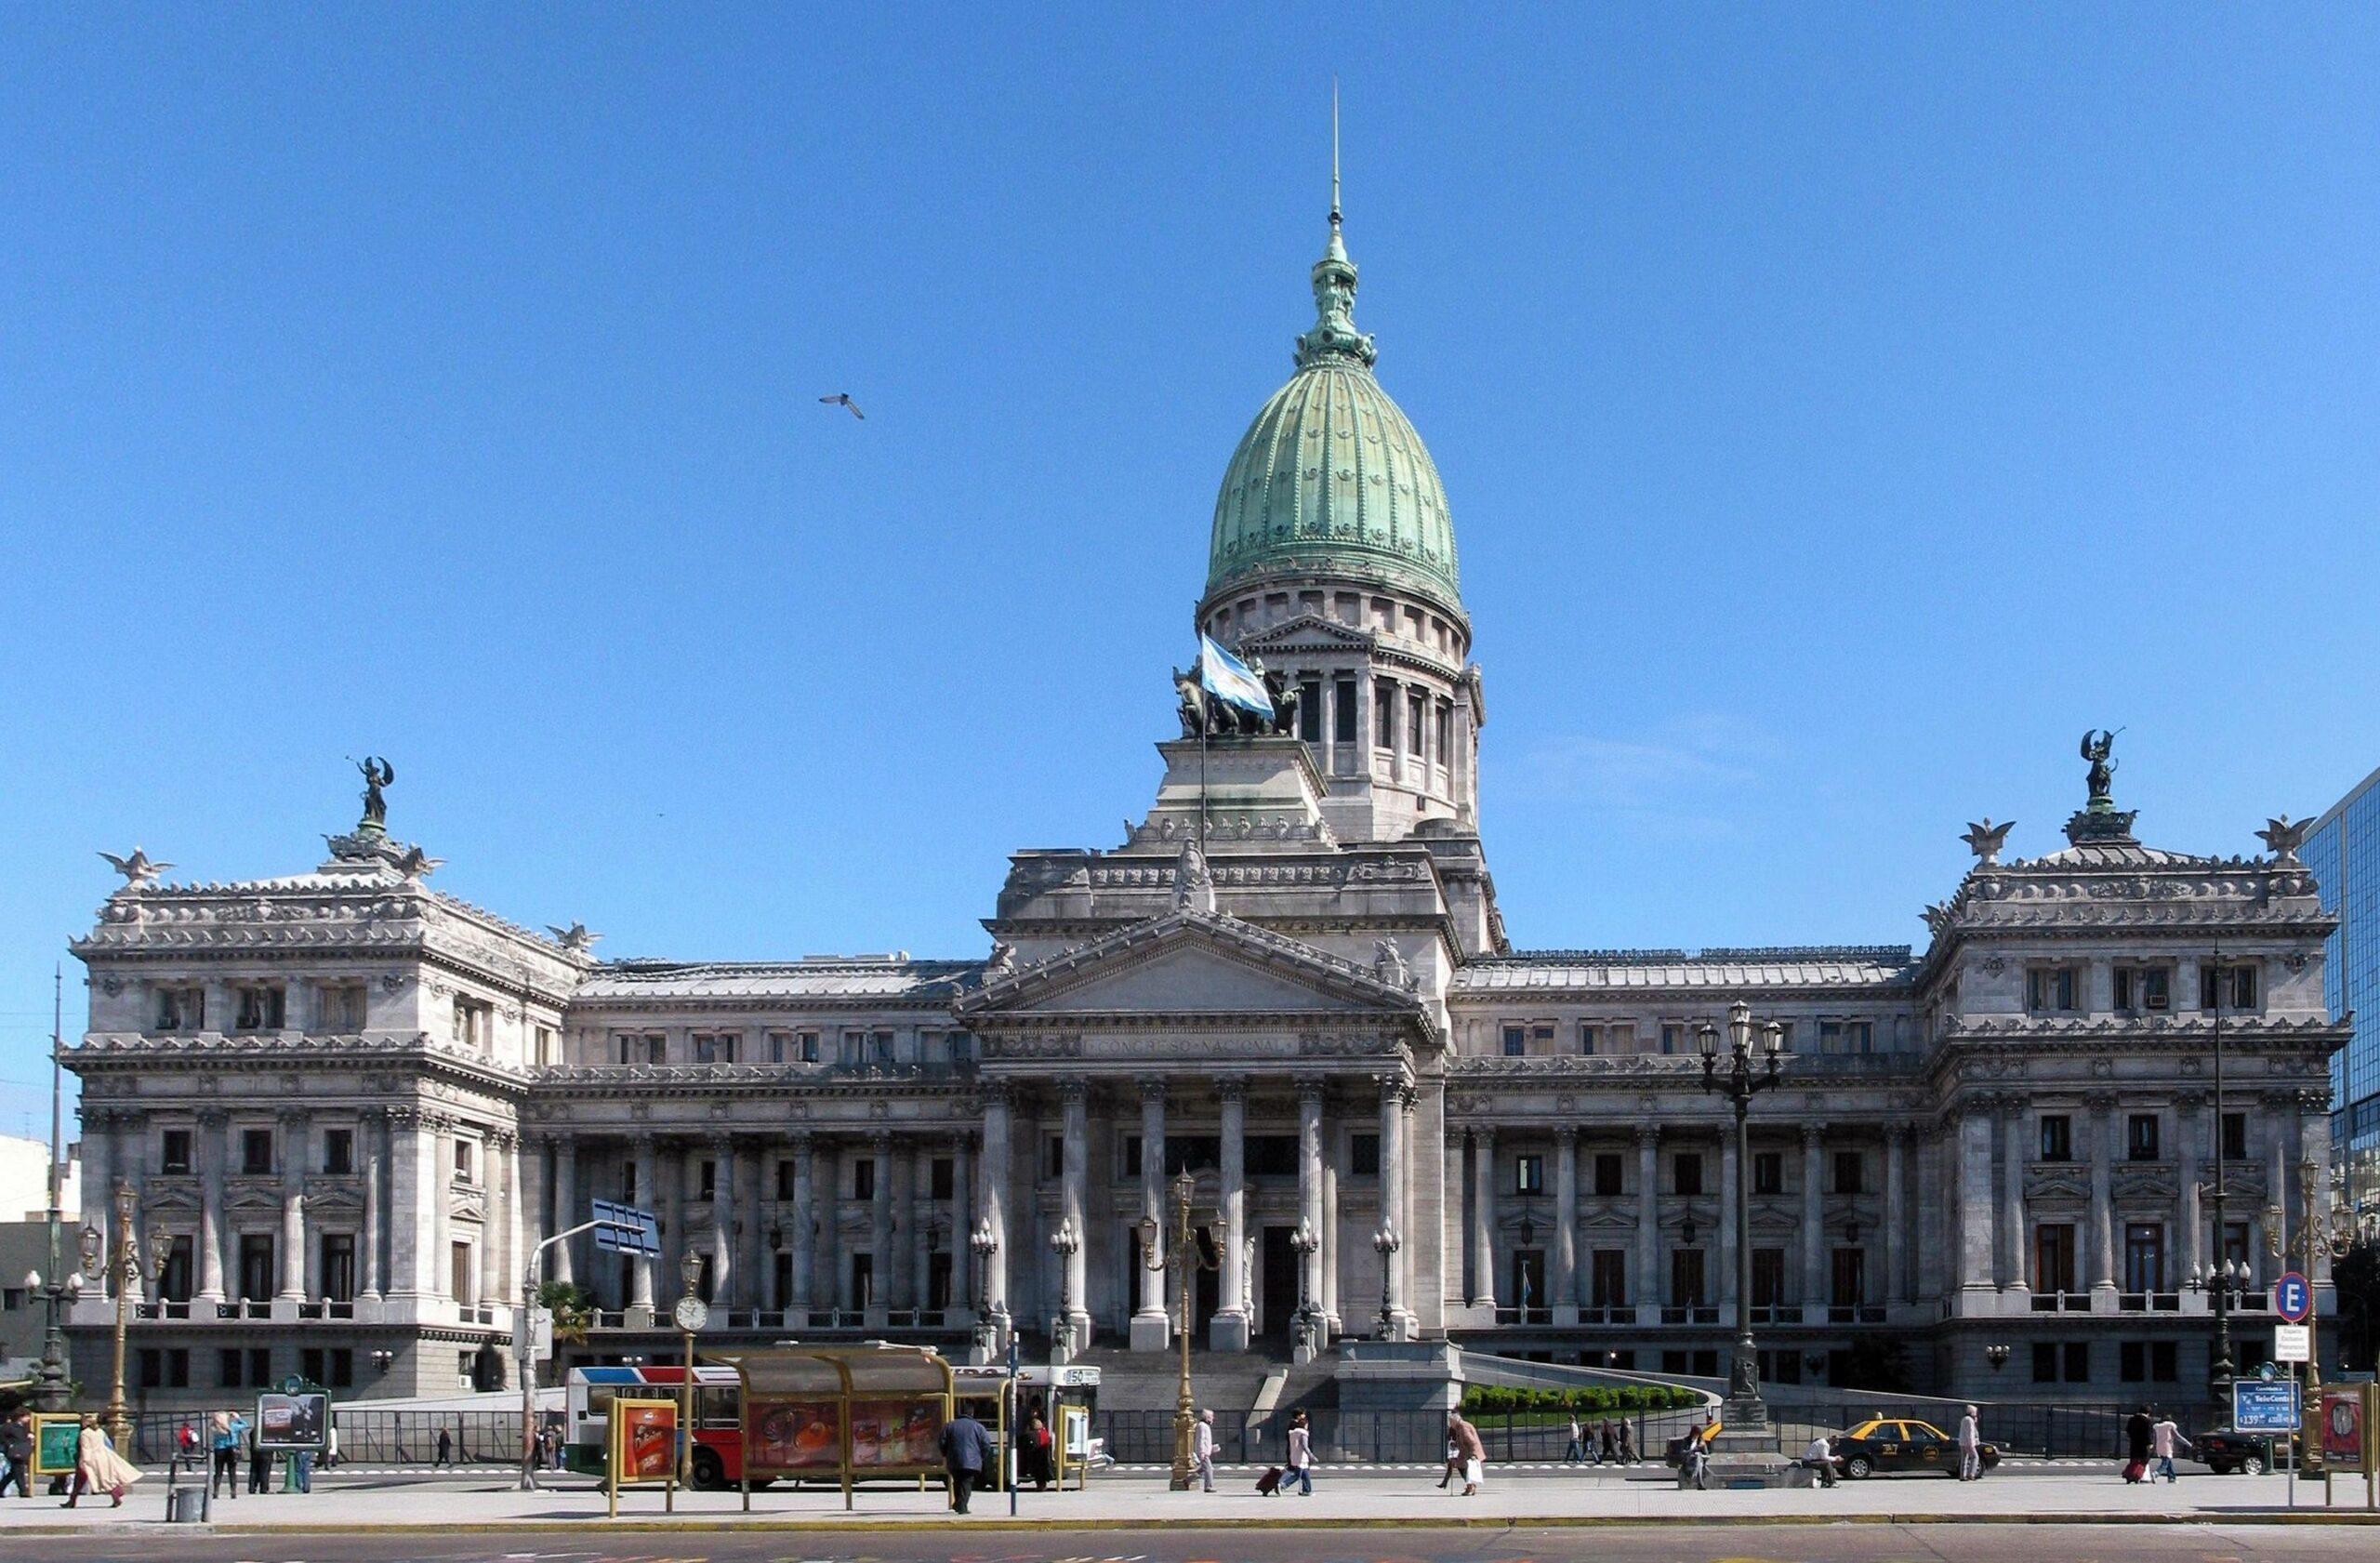 В нижнюю палату парламента Аргентины внесен законопроект  о «всесторонней защите половых признаков» интерсекс людей